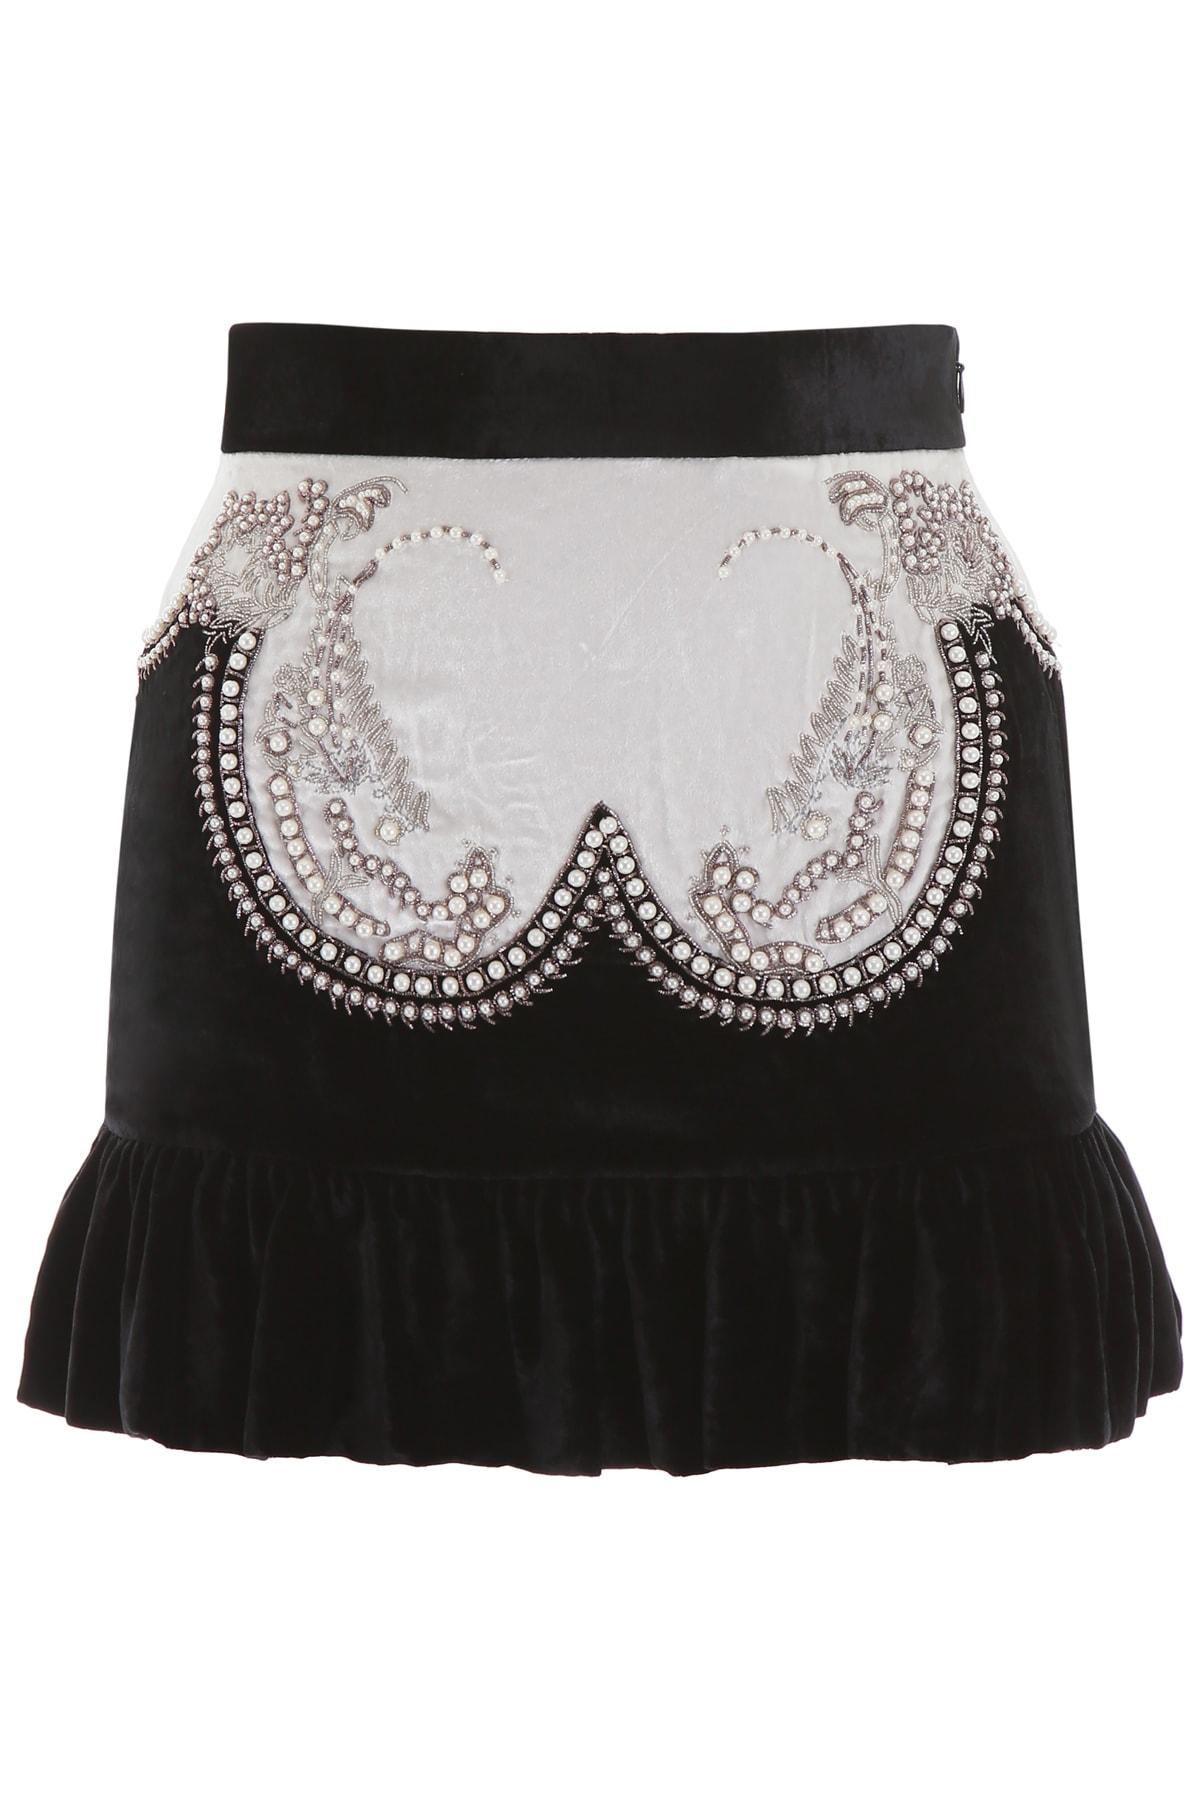 WANDERING Velvet Mini Skirt